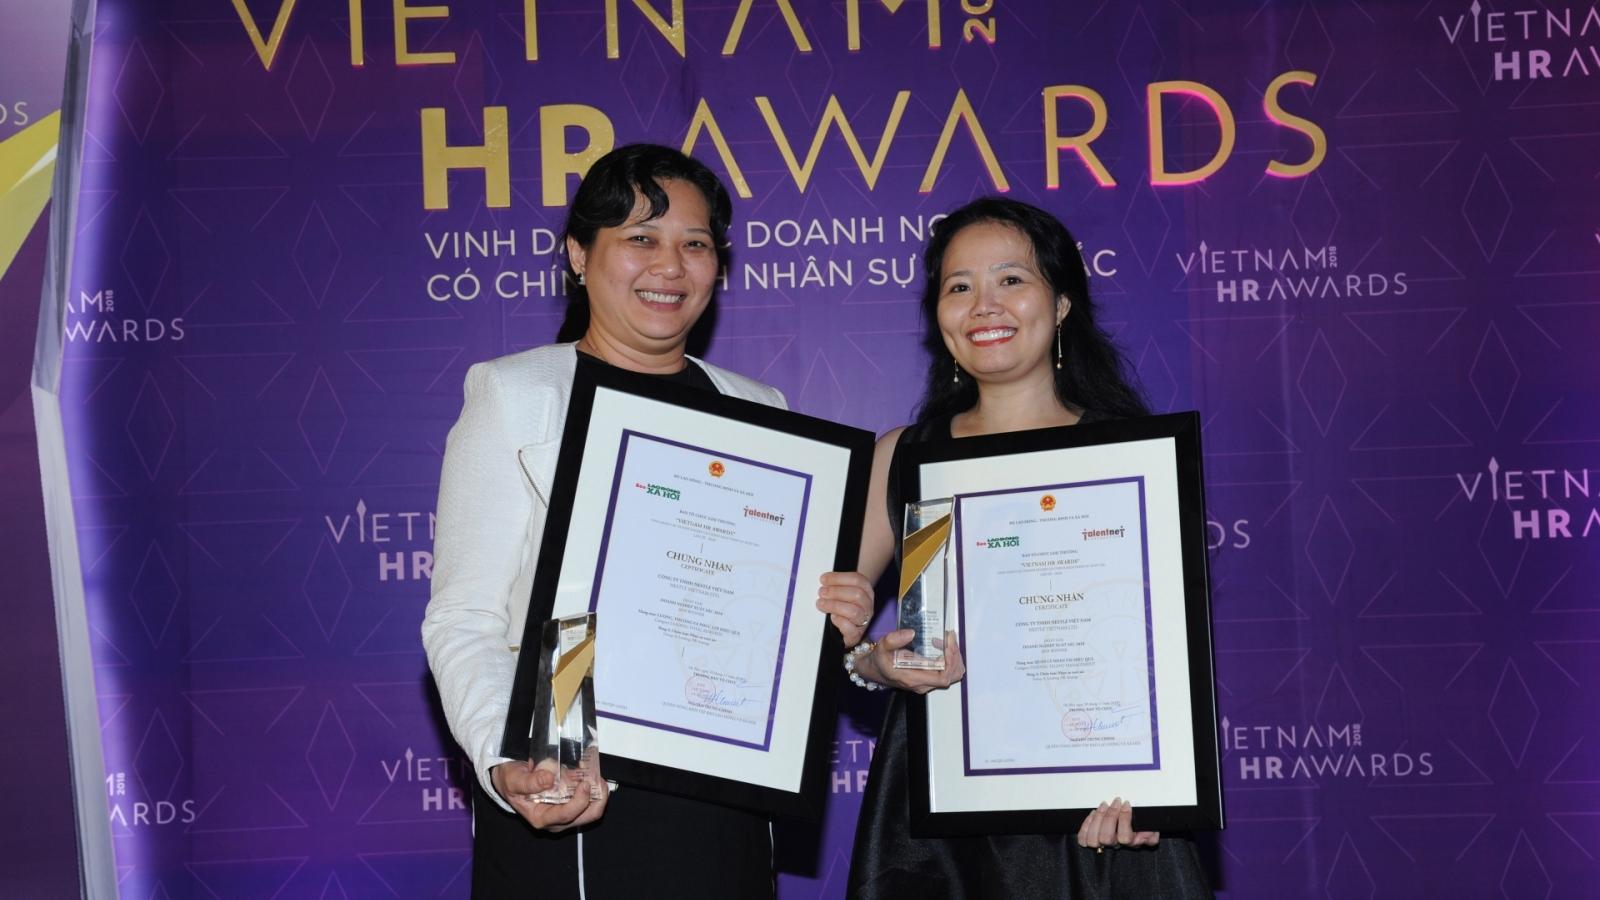 Nestlé Vietnam honoured at 2018 Vietnam HR Awards